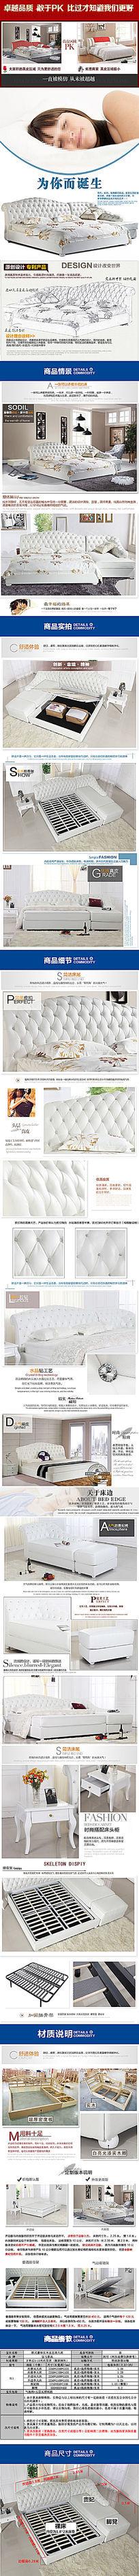 淘宝欧式双人床详情页细节展示模板